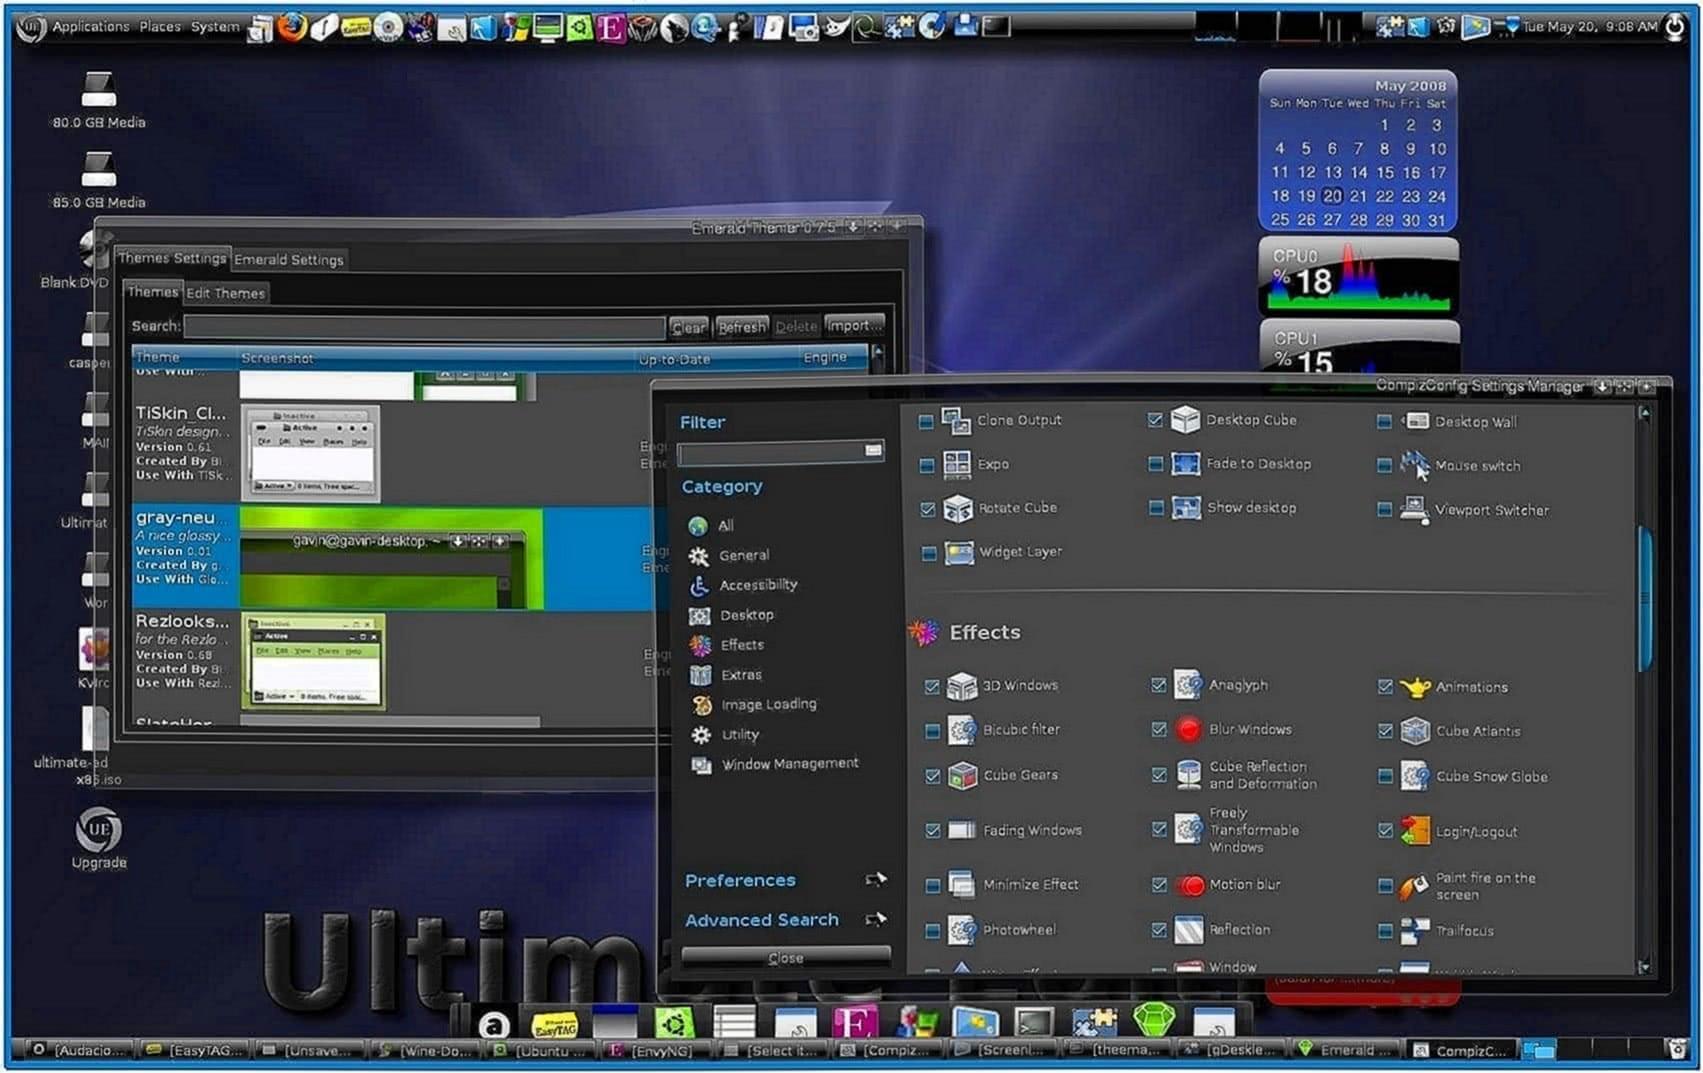 Download sonar screensaver ubuntu | Amy's blog